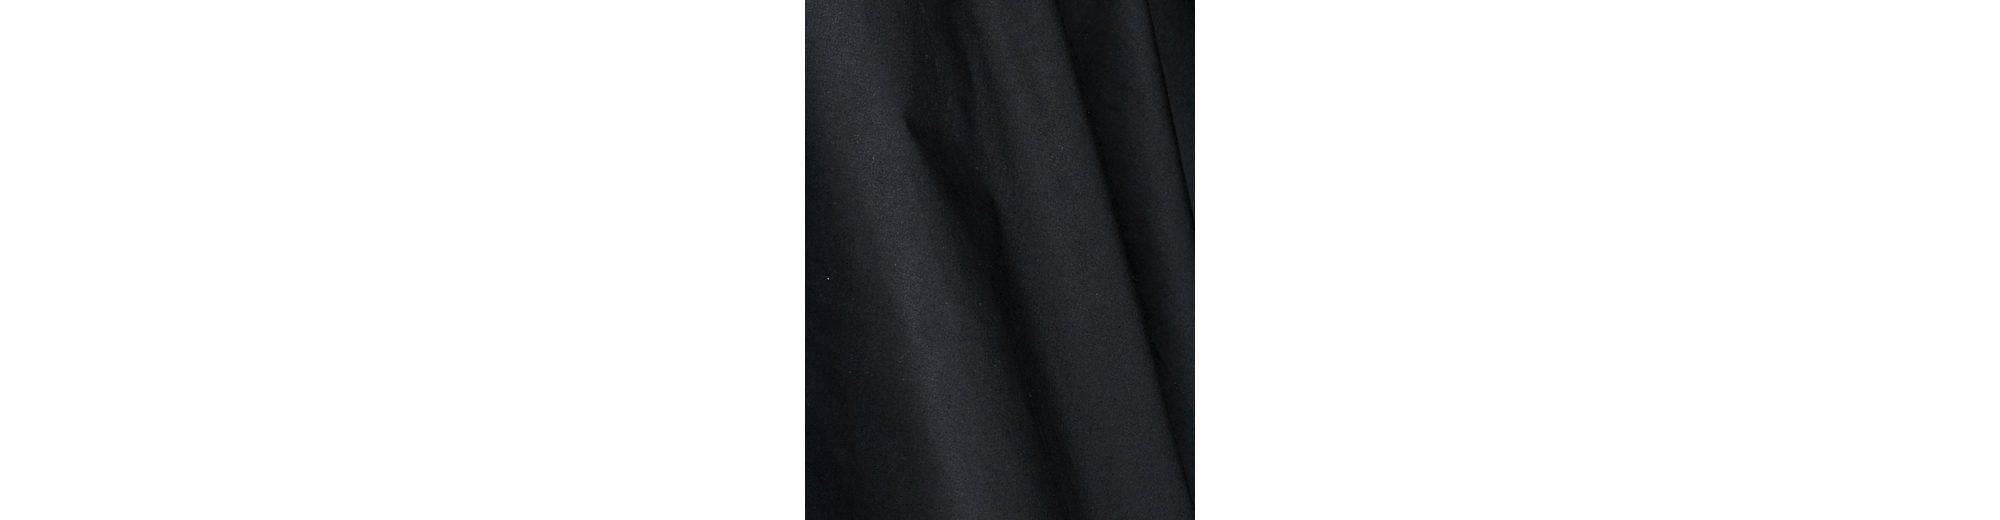 RICK CARDONA by Heine Rock hinten etwas länger Verkauf Günstig Online Spielraum Niedrig Kosten Grau-Outlet-Store Online Zum Verkauf Offizieller Seite Auslass Footlocker Bilder OR0VyInc